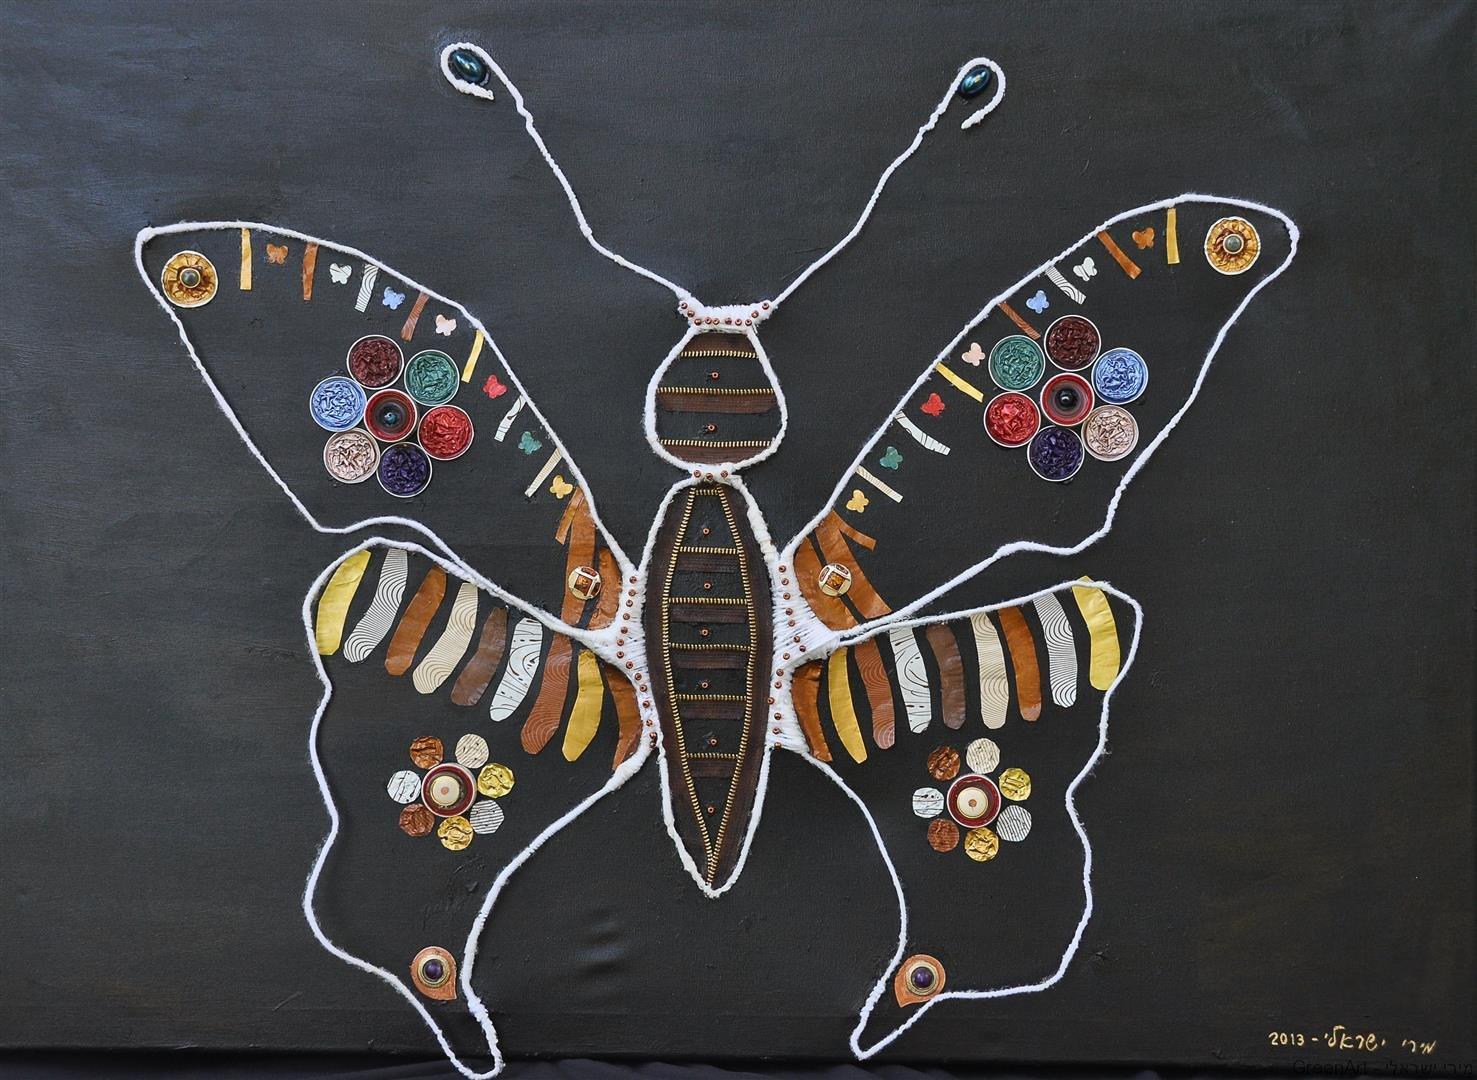 הפרפר הנעלם יצירת אסמבלאג' ככמסר לחברה על העילמותם של הפרפרים בארצינו